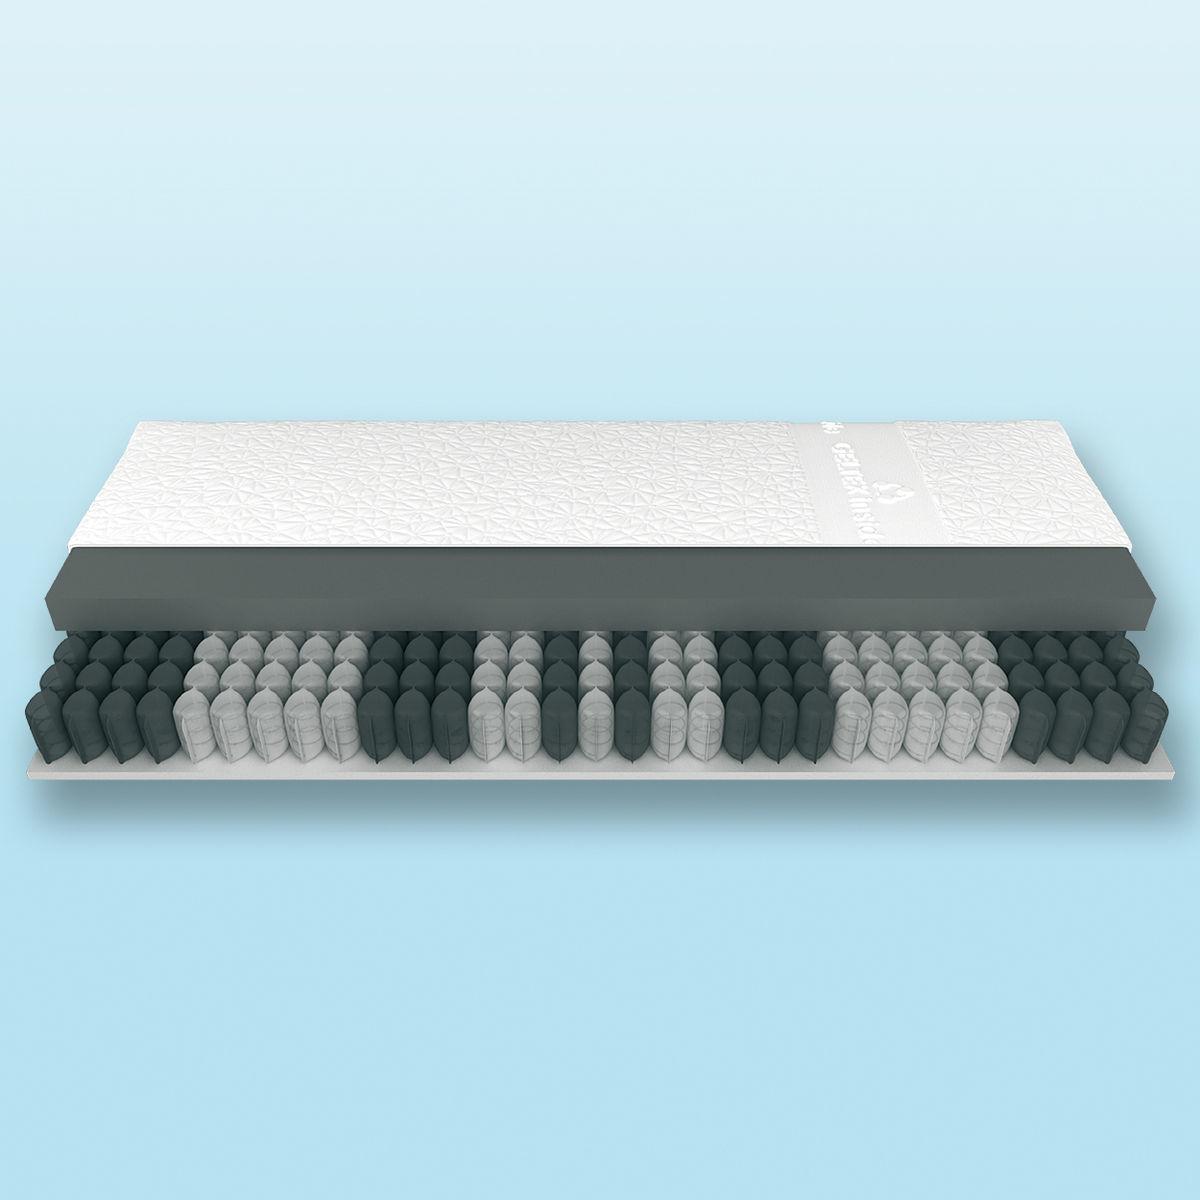 schlaraffia platin 240 geltex inside taschenfederkernmatratze von karstadt ansehen. Black Bedroom Furniture Sets. Home Design Ideas